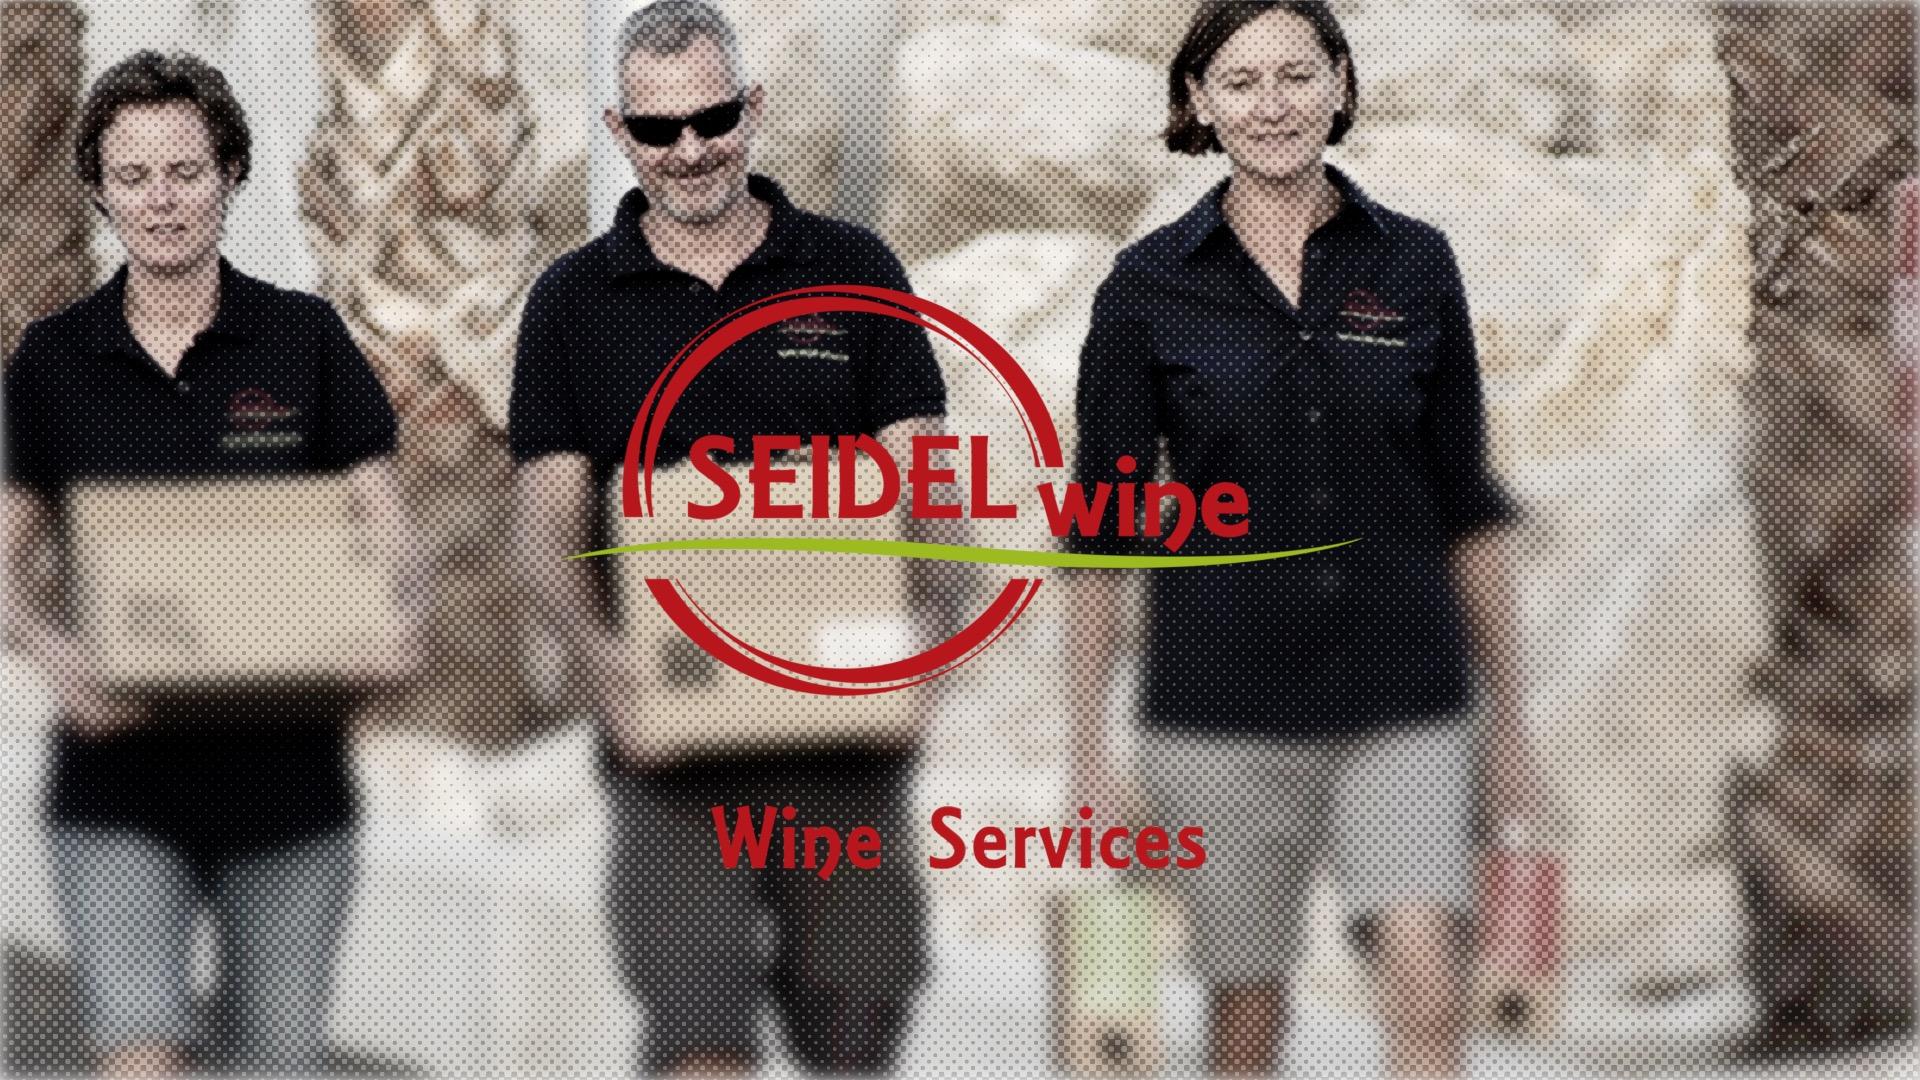 SEIDEL wine - Wine Services